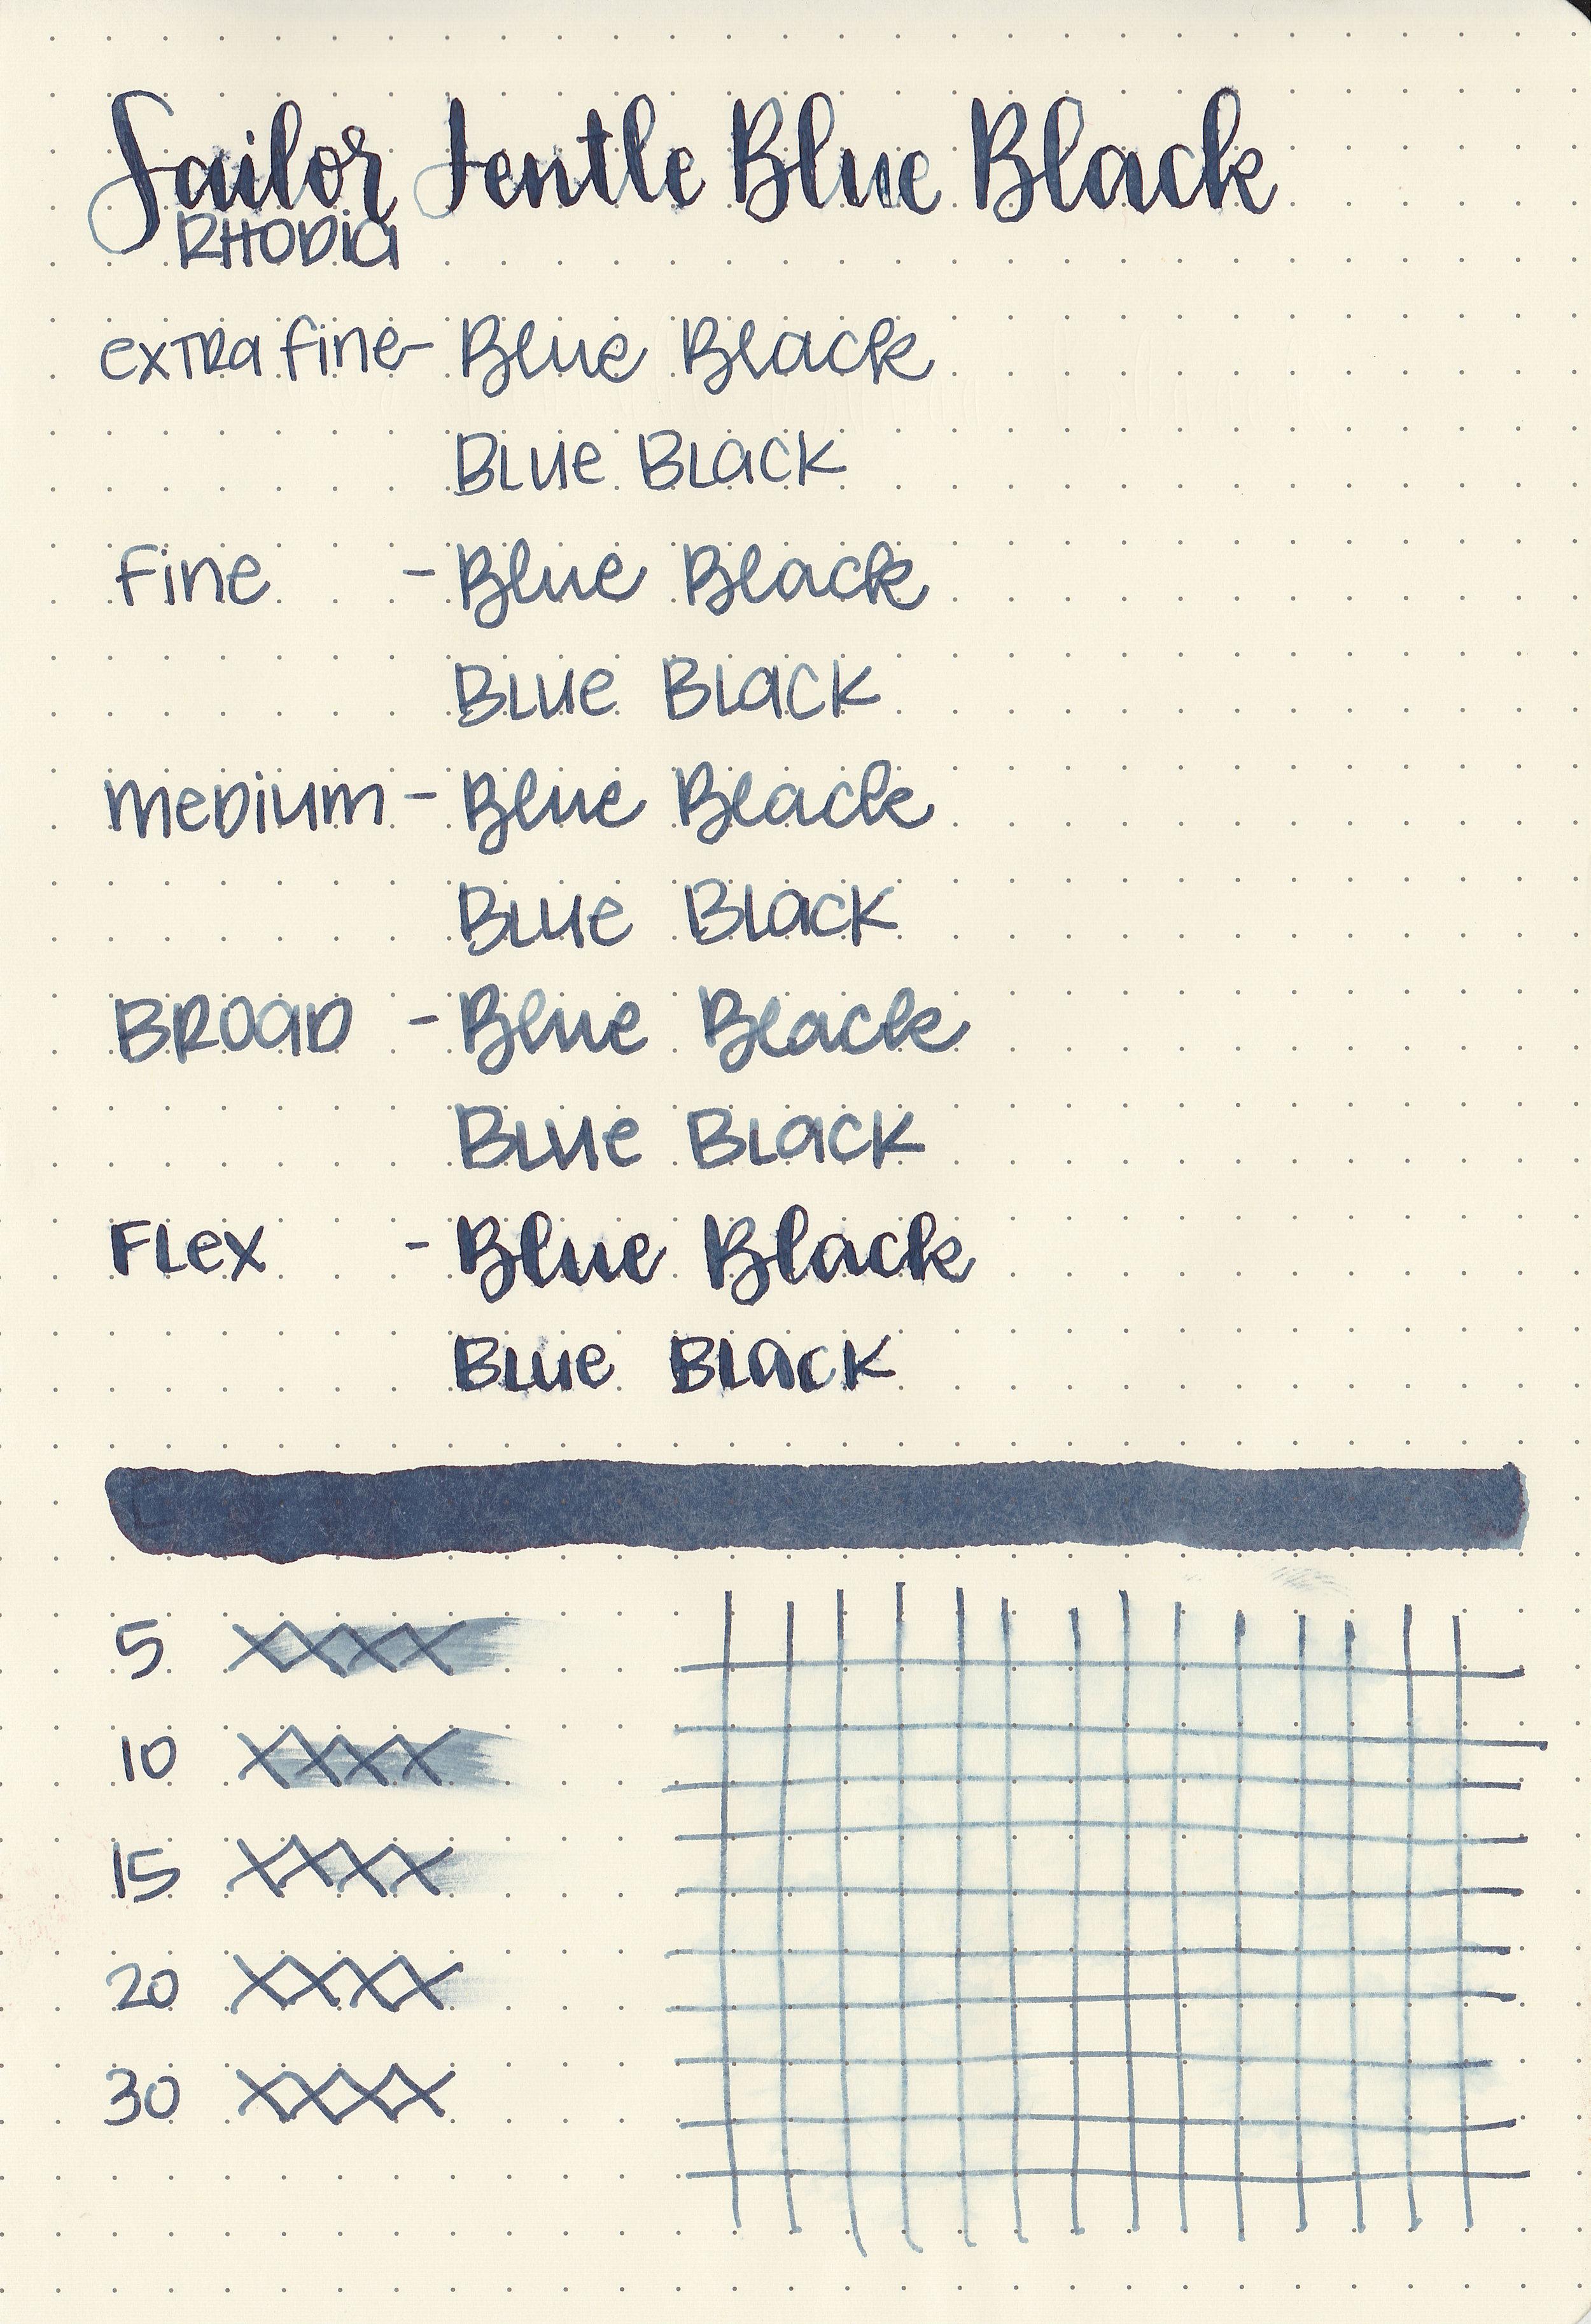 sj-blue-black-5.jpg